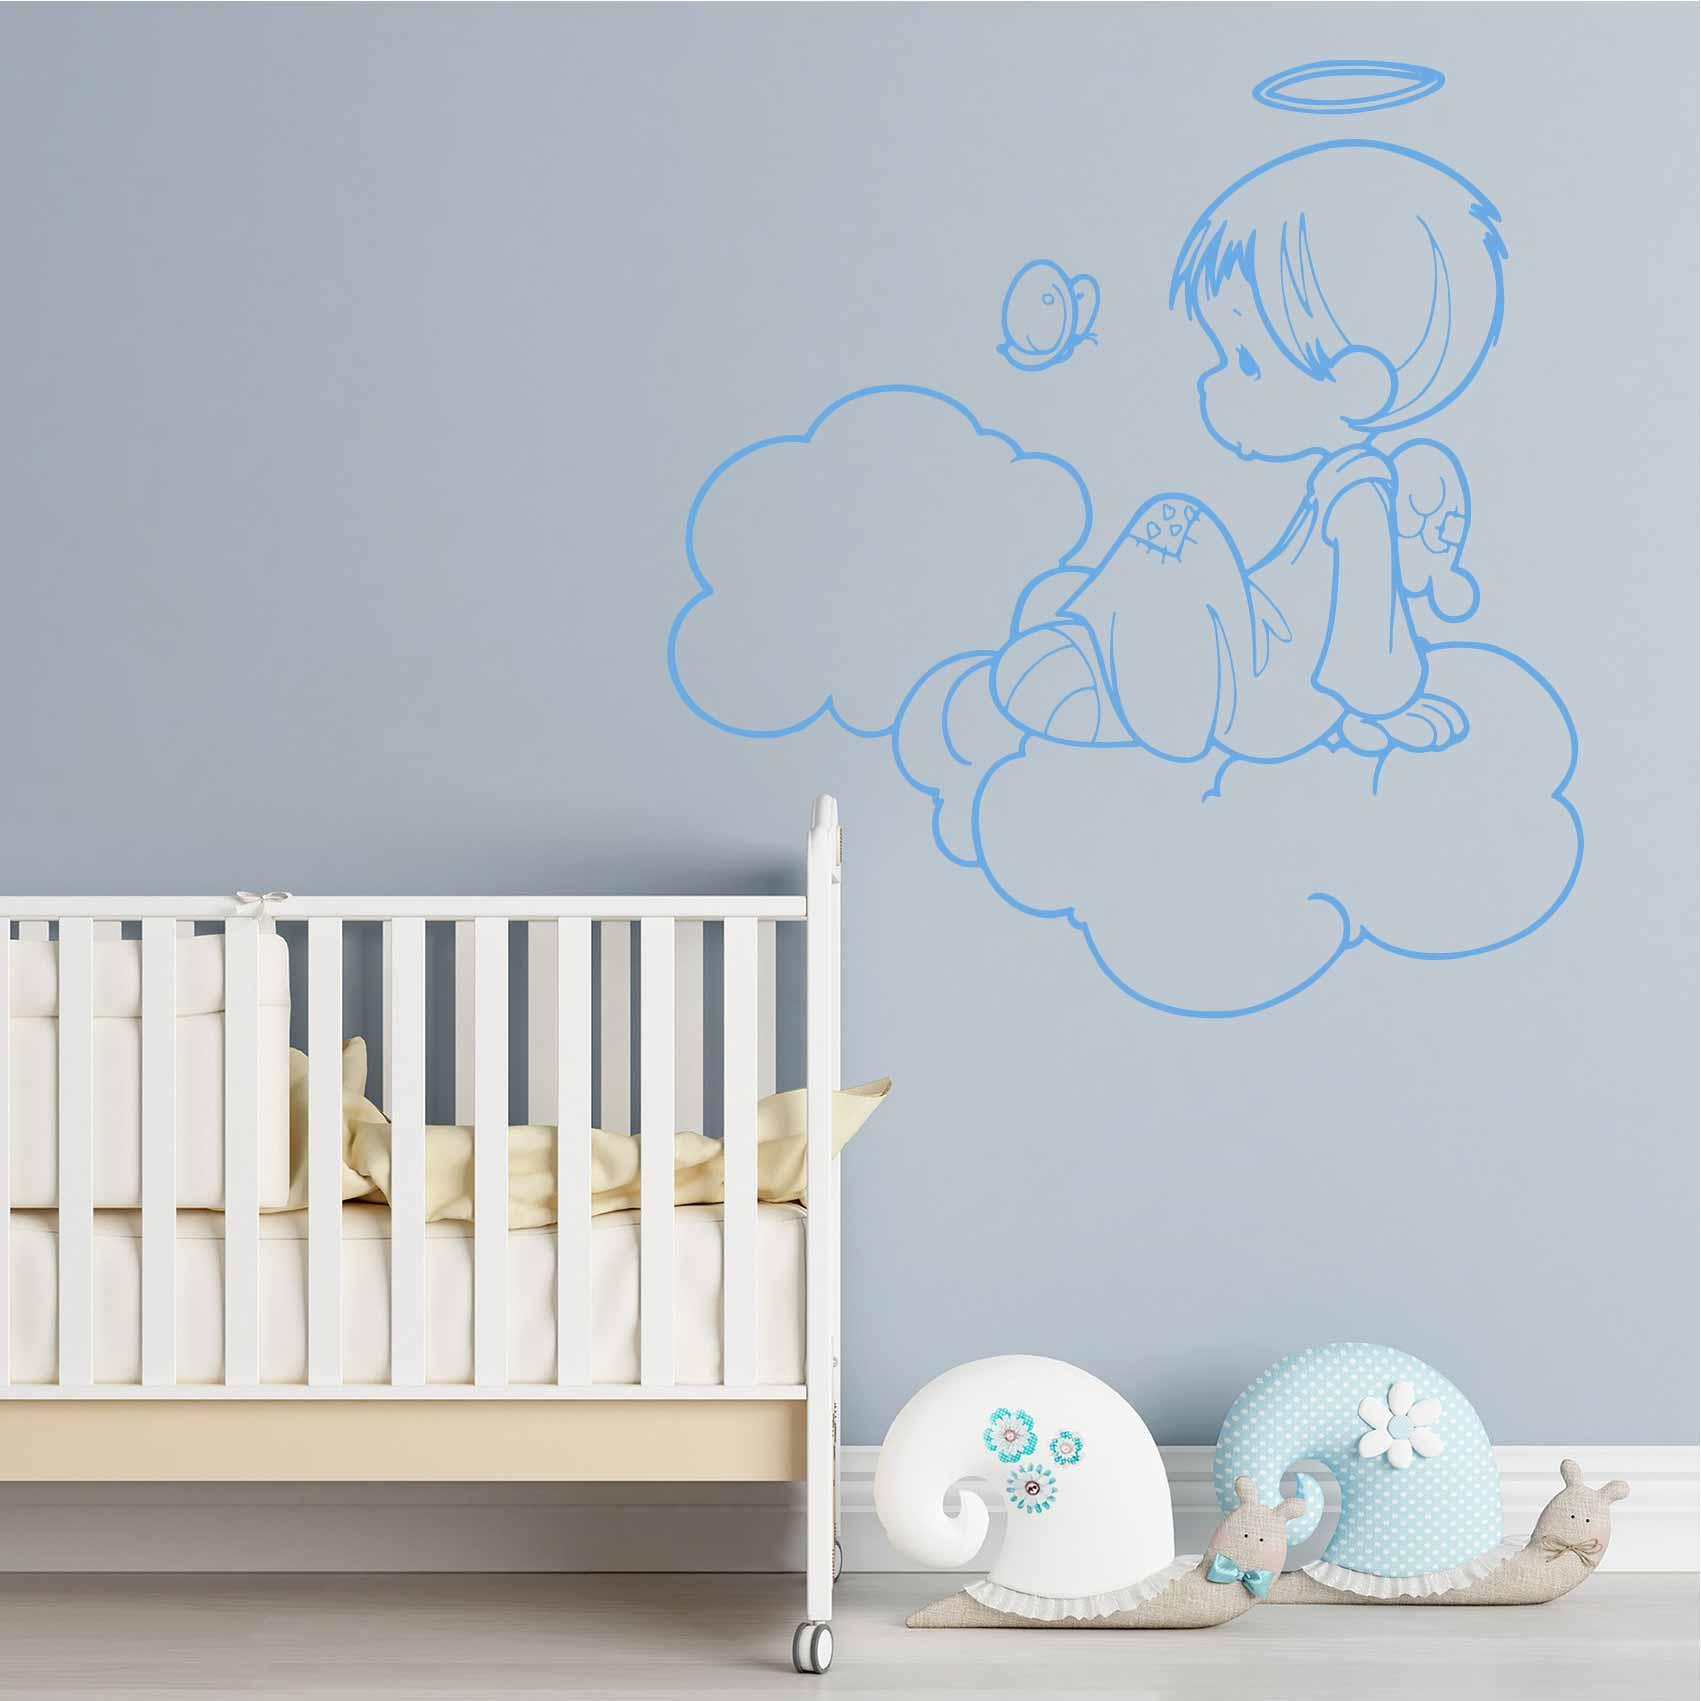 Stickers bébé : Un élément indispensable ?